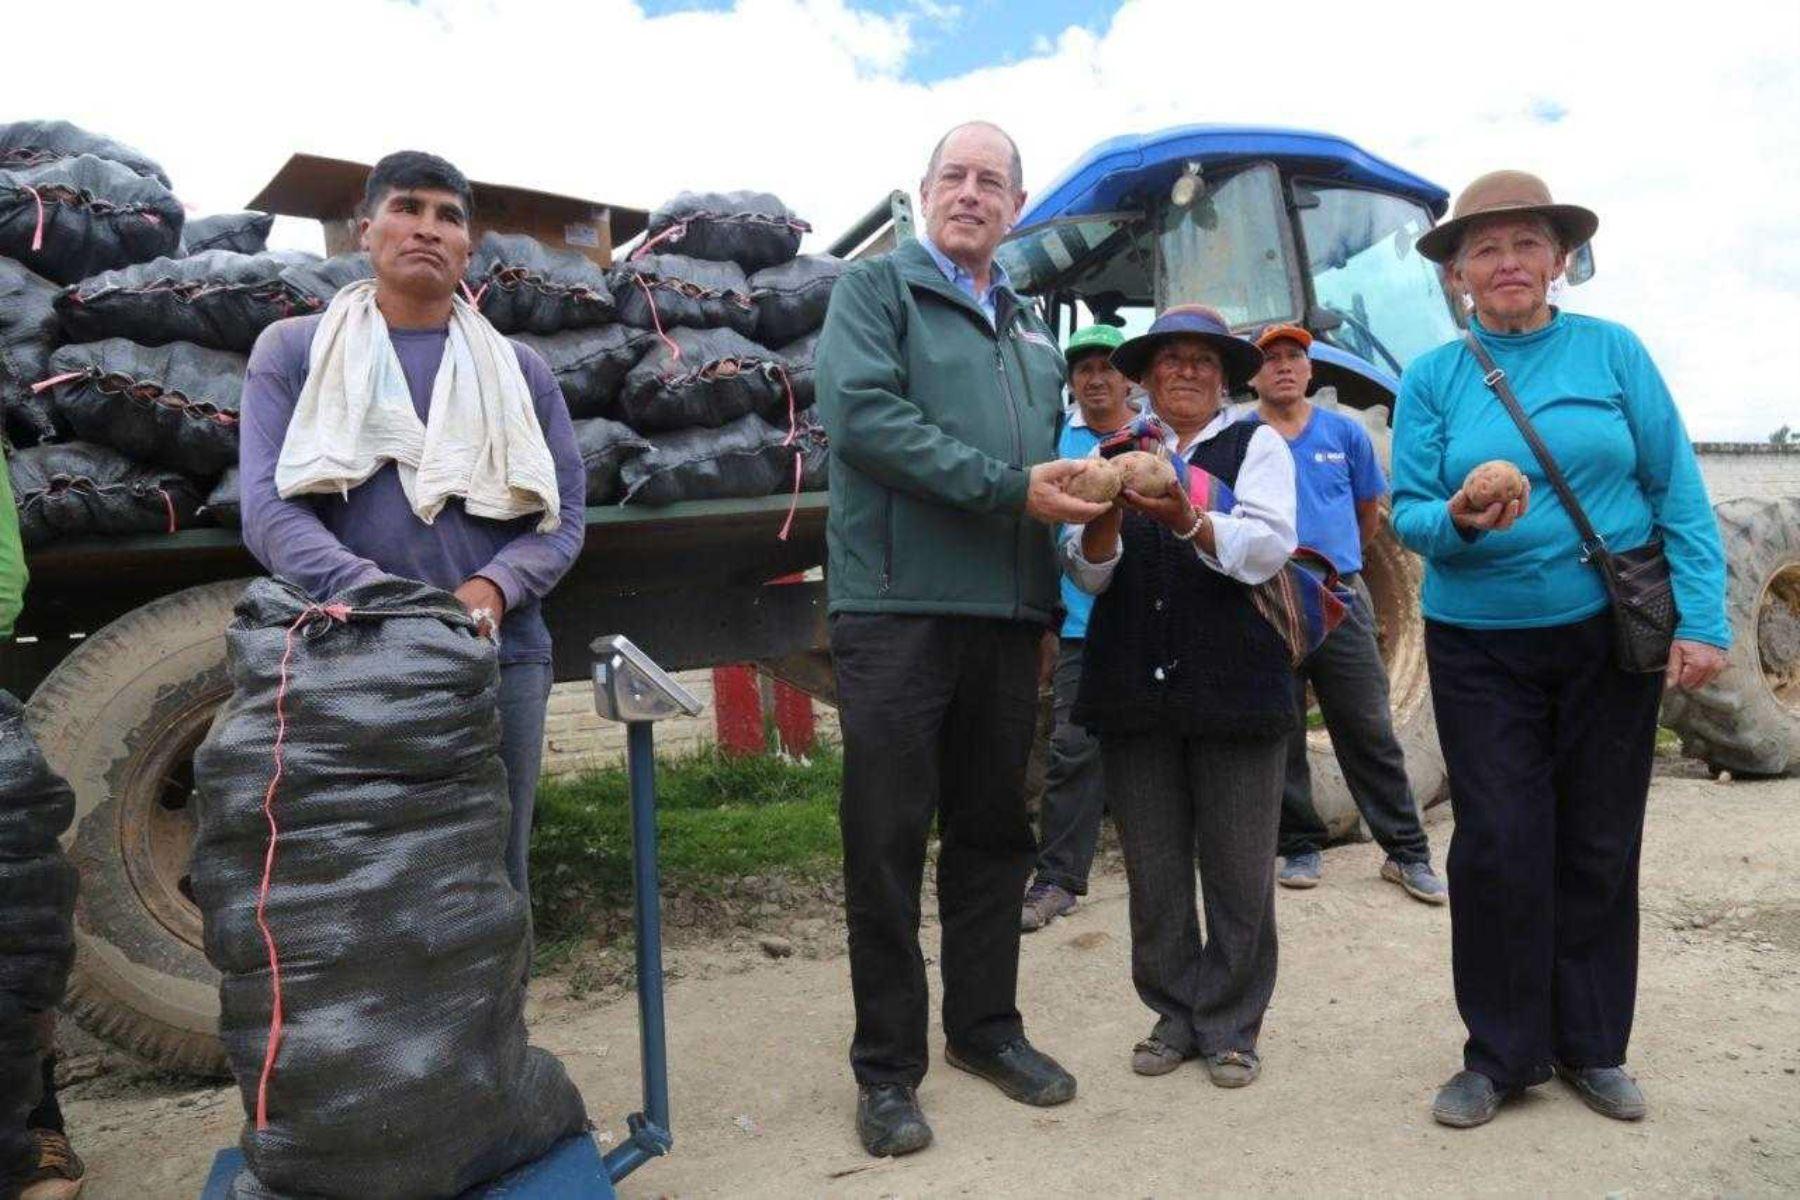 Como parte del proceso de adquisición de papa blanca, personal del Ministerio de Agricultura y Riego (Minagri) a través del programa Agro Rural, adquirió en la región Junín cerca de 500 toneladas del tubérculo andino en beneficio de los pequeños productores.